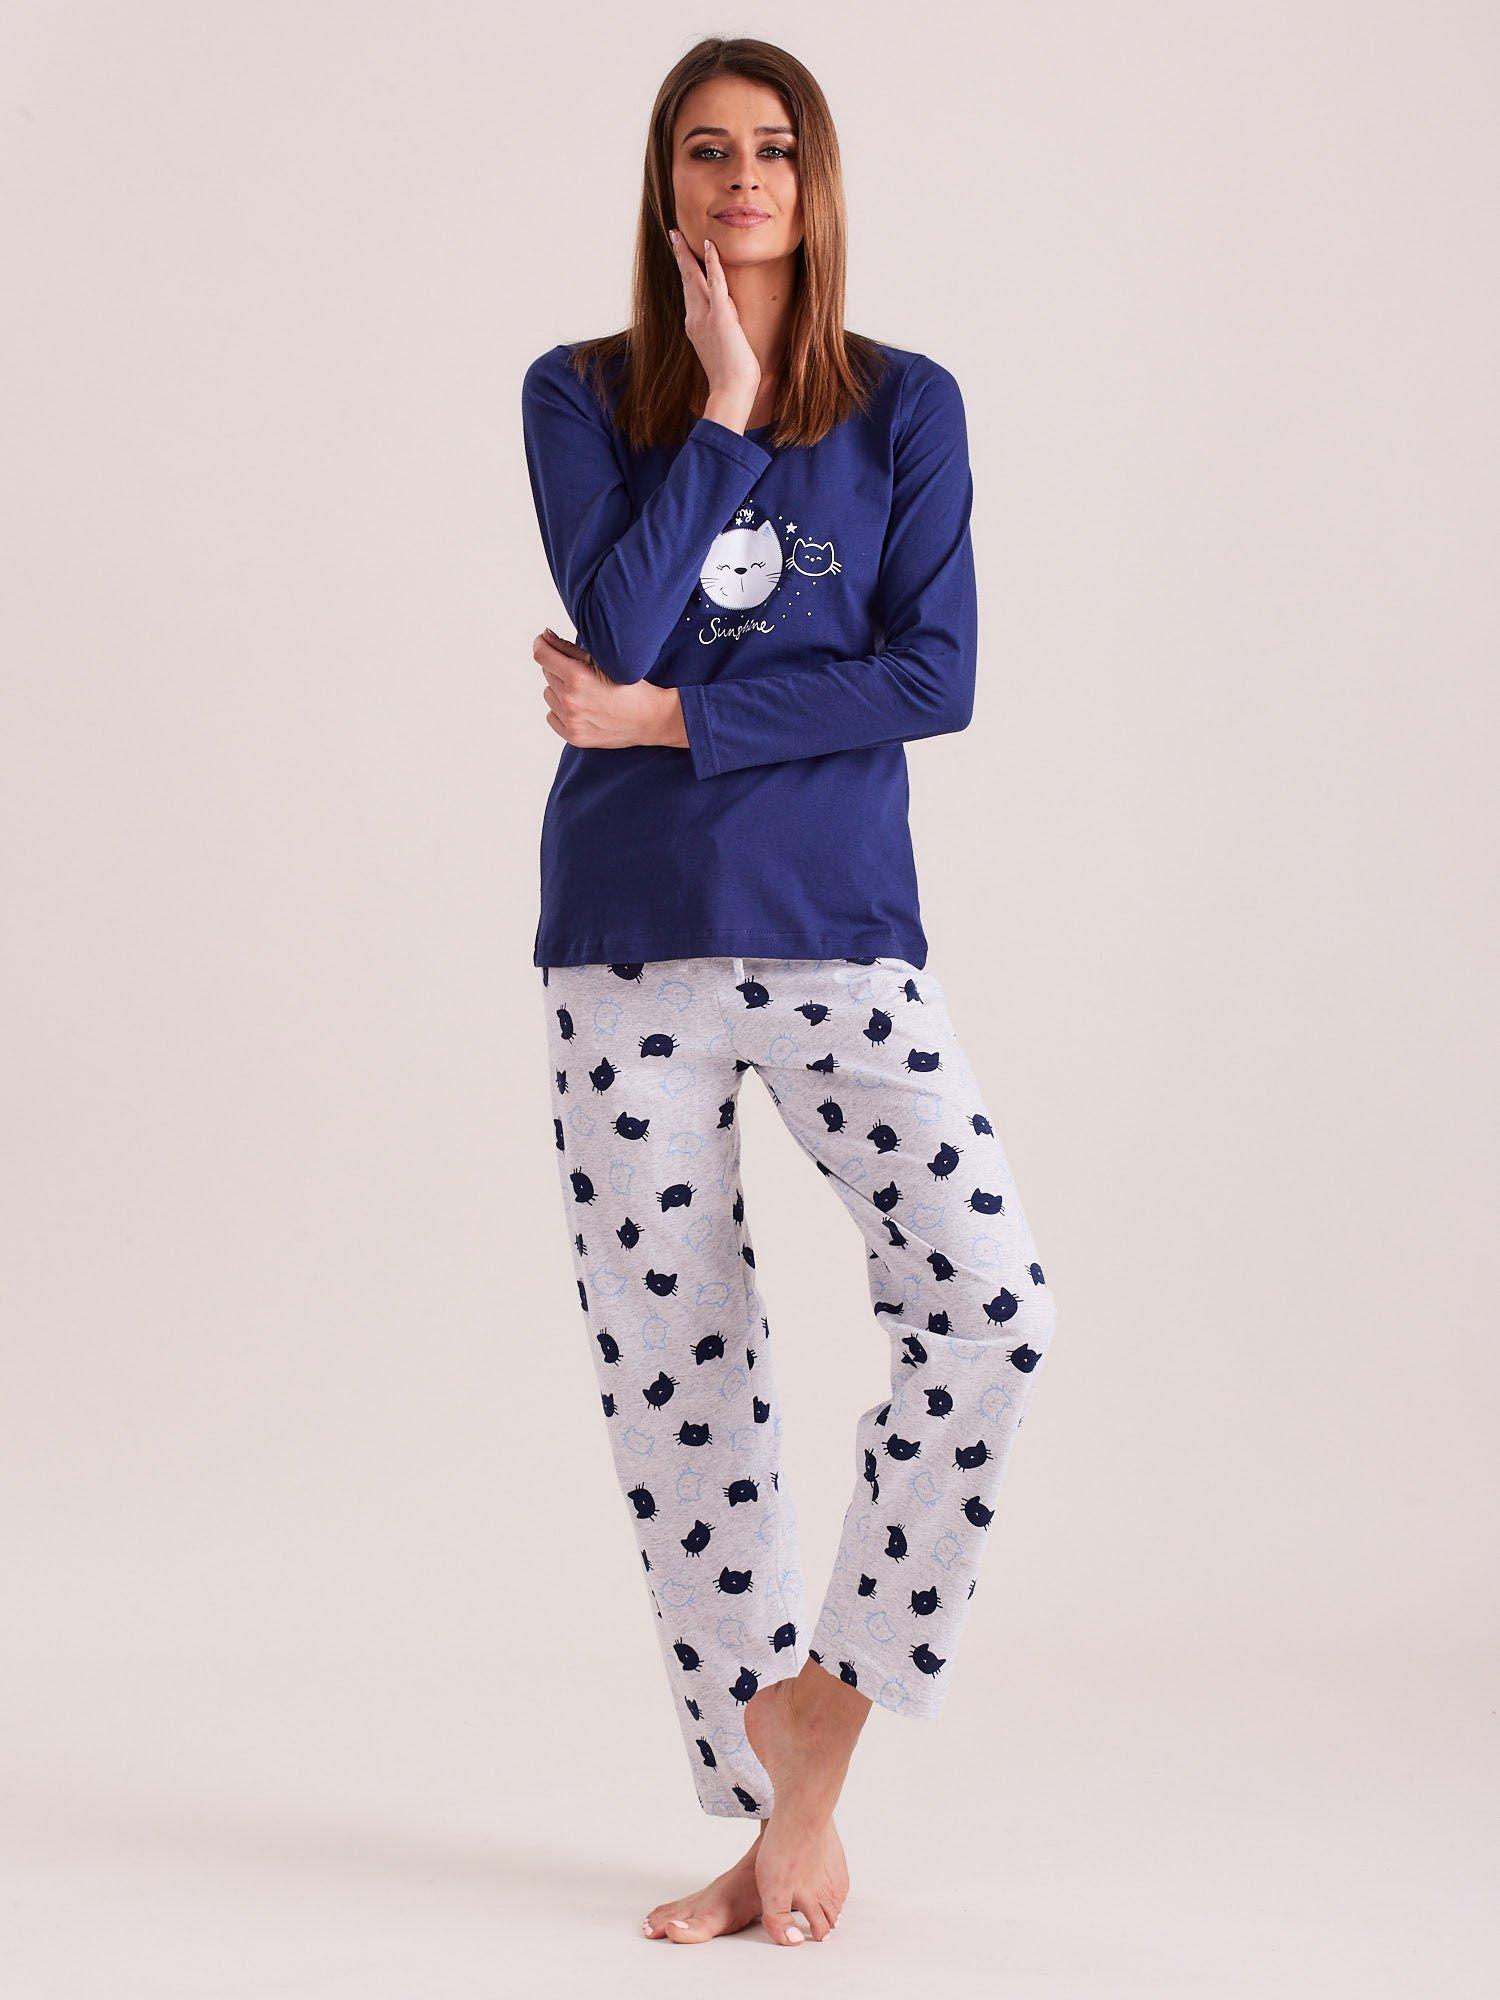 4c01773448a4e1 Ciemnoniebieska dwuczęściowa piżama w koty - Bielizna piżama - sklep  eButik.pl